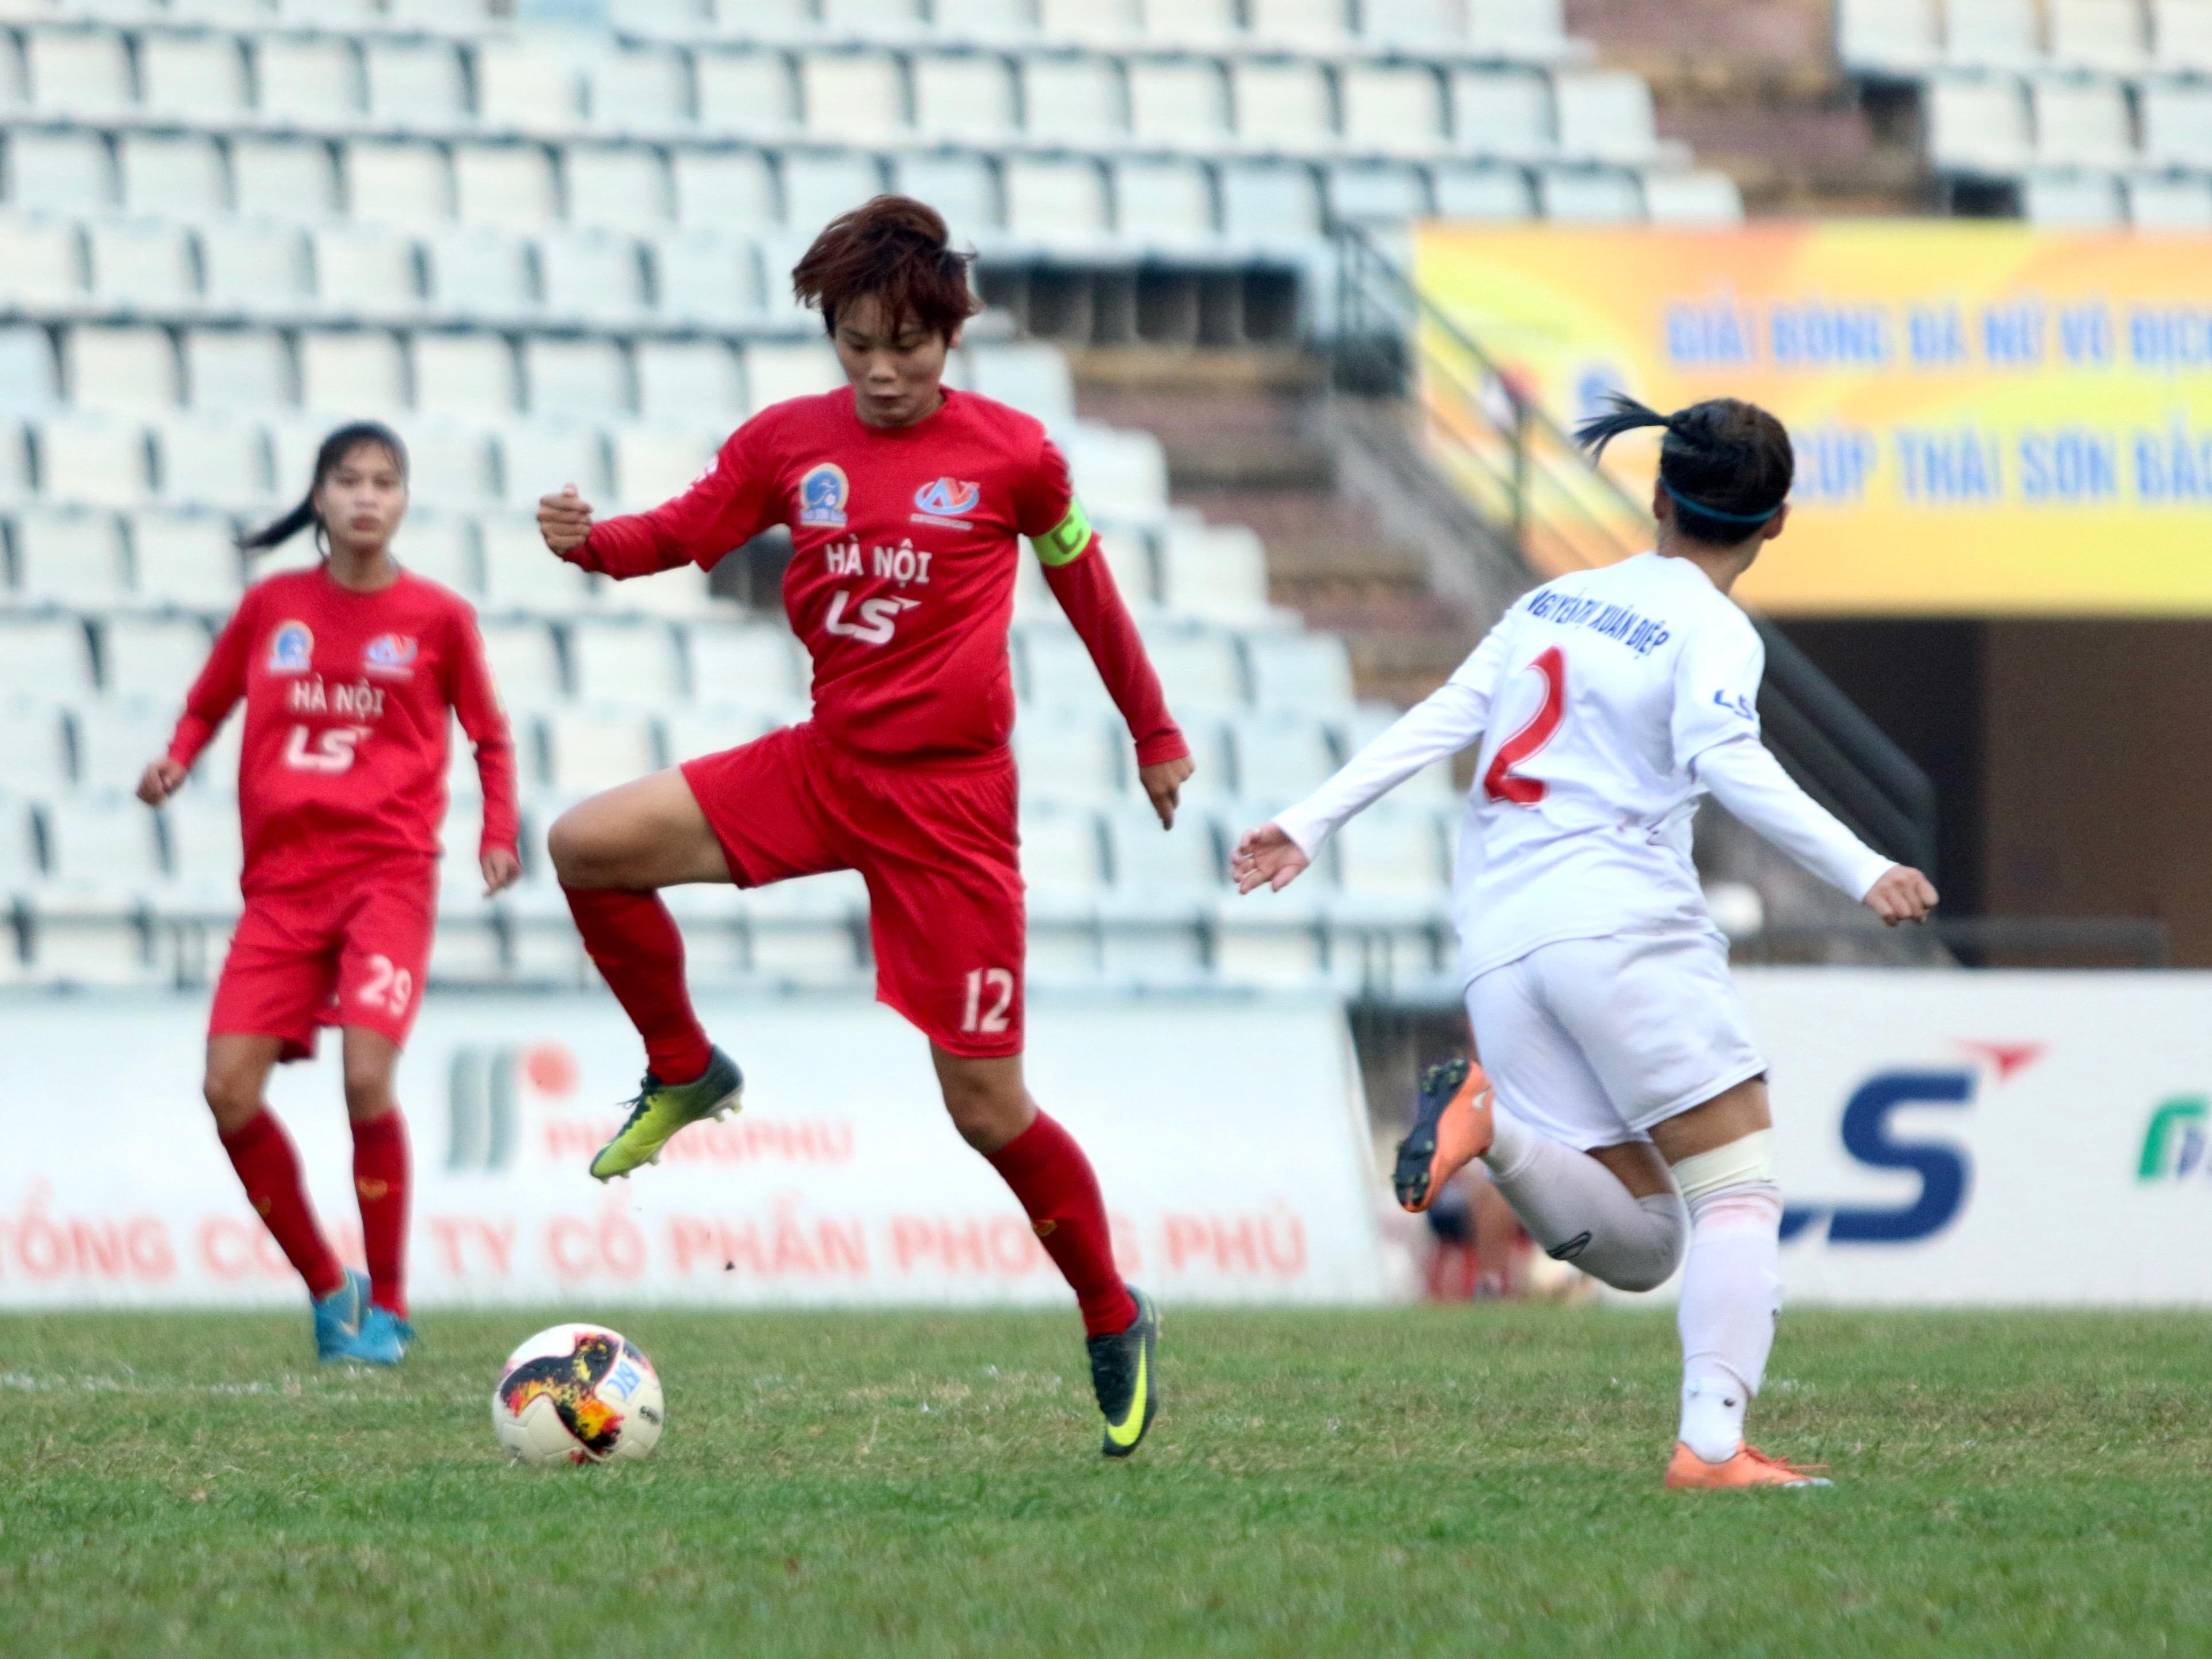 Vòng 13 giải BĐ nữ VĐQG – Cúp Thái Sơn Bắc 2019 (1/10): Hà Nội lên Nhì bảng